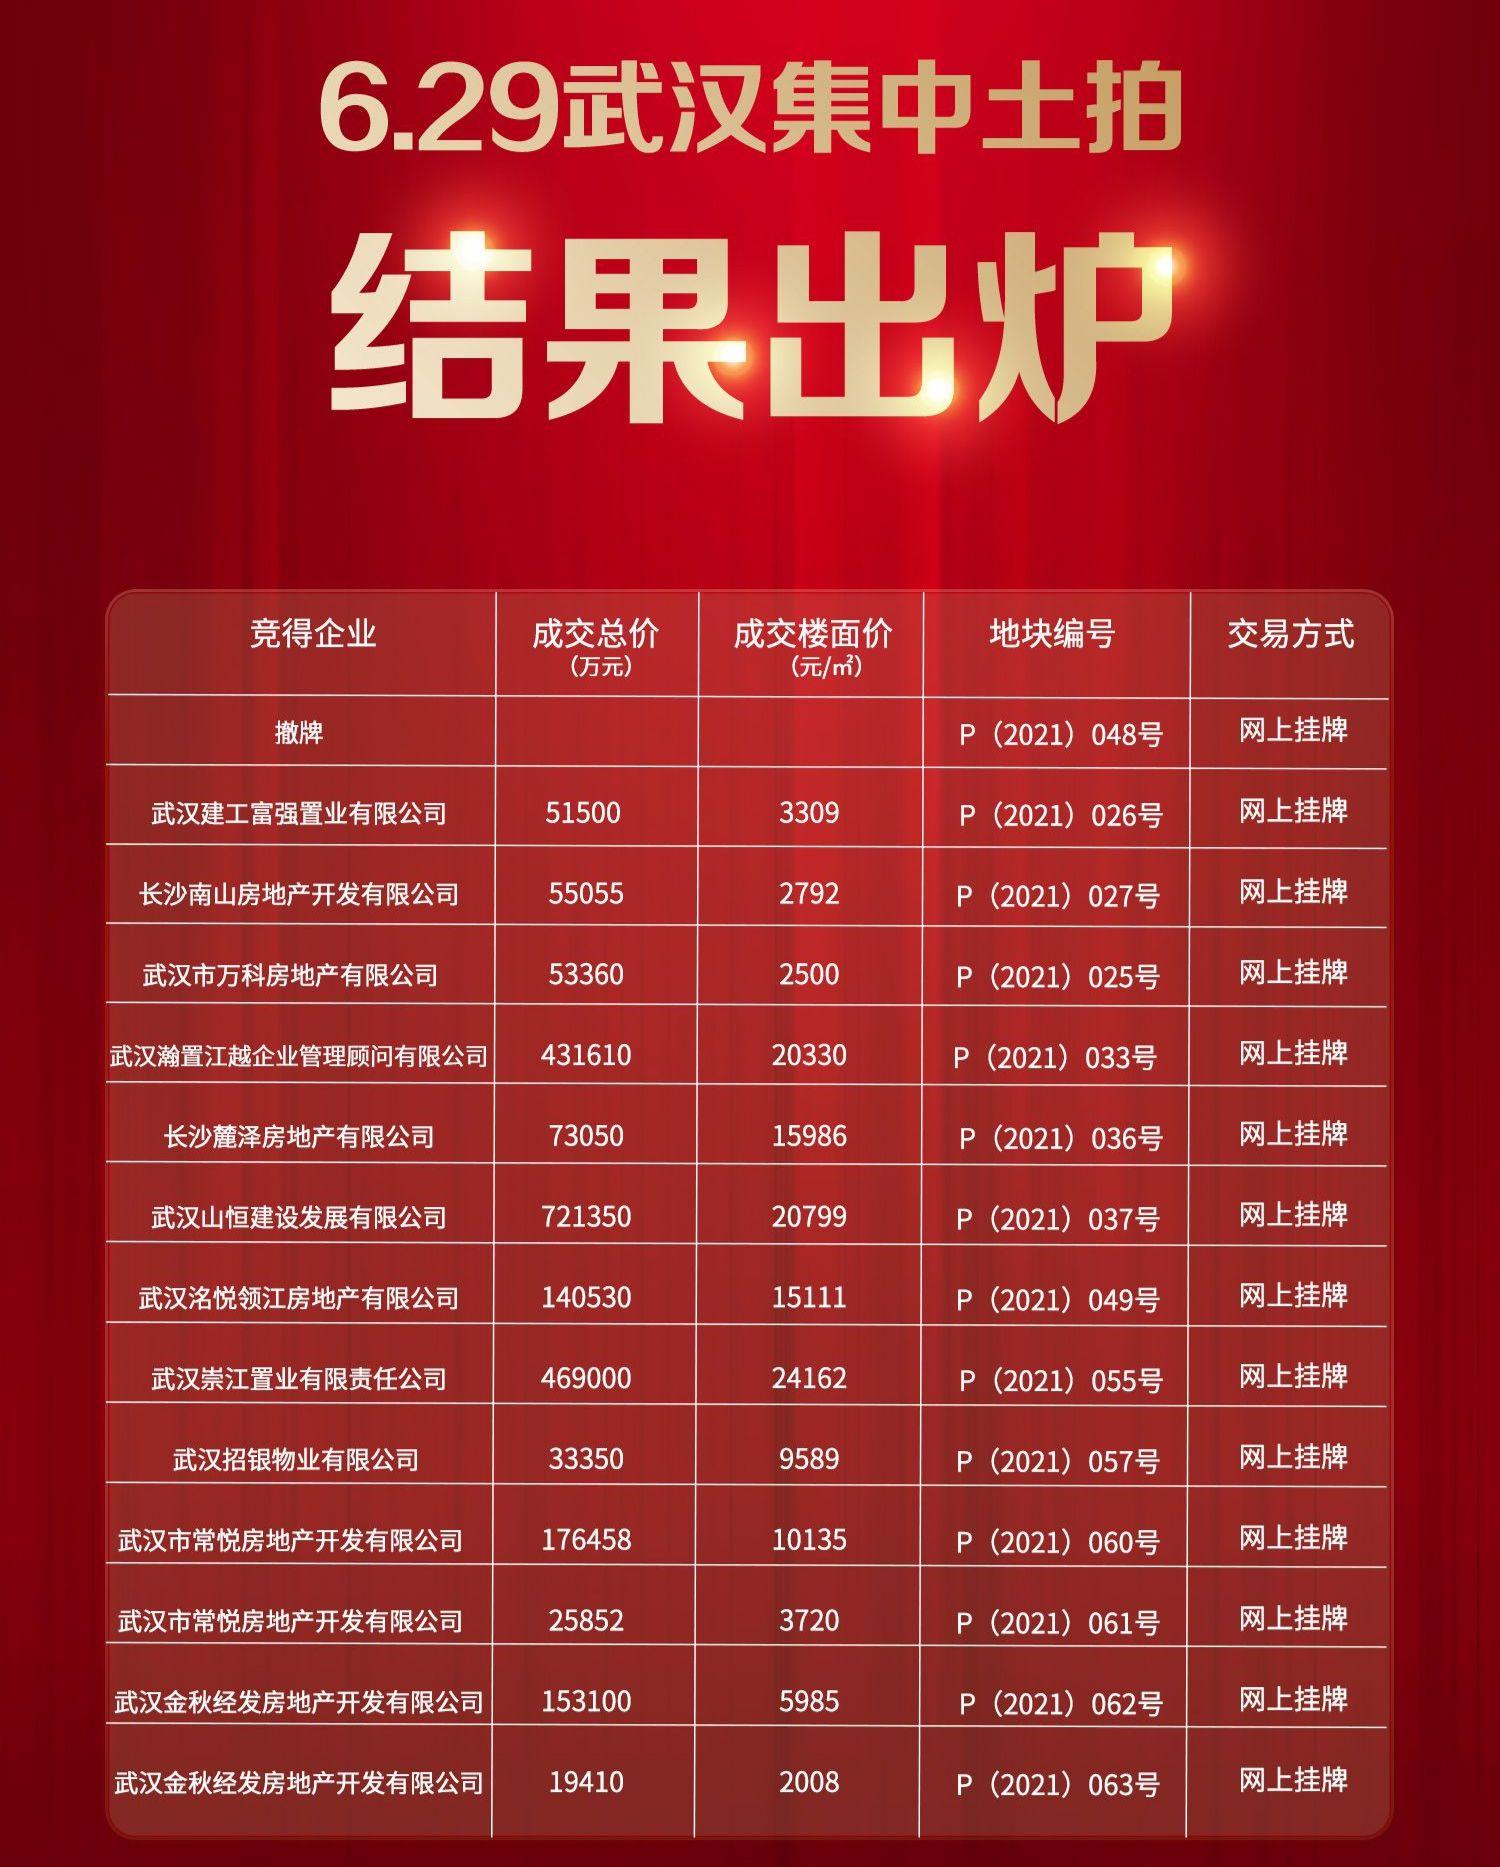 【武汉】首轮集中供地收金788亿